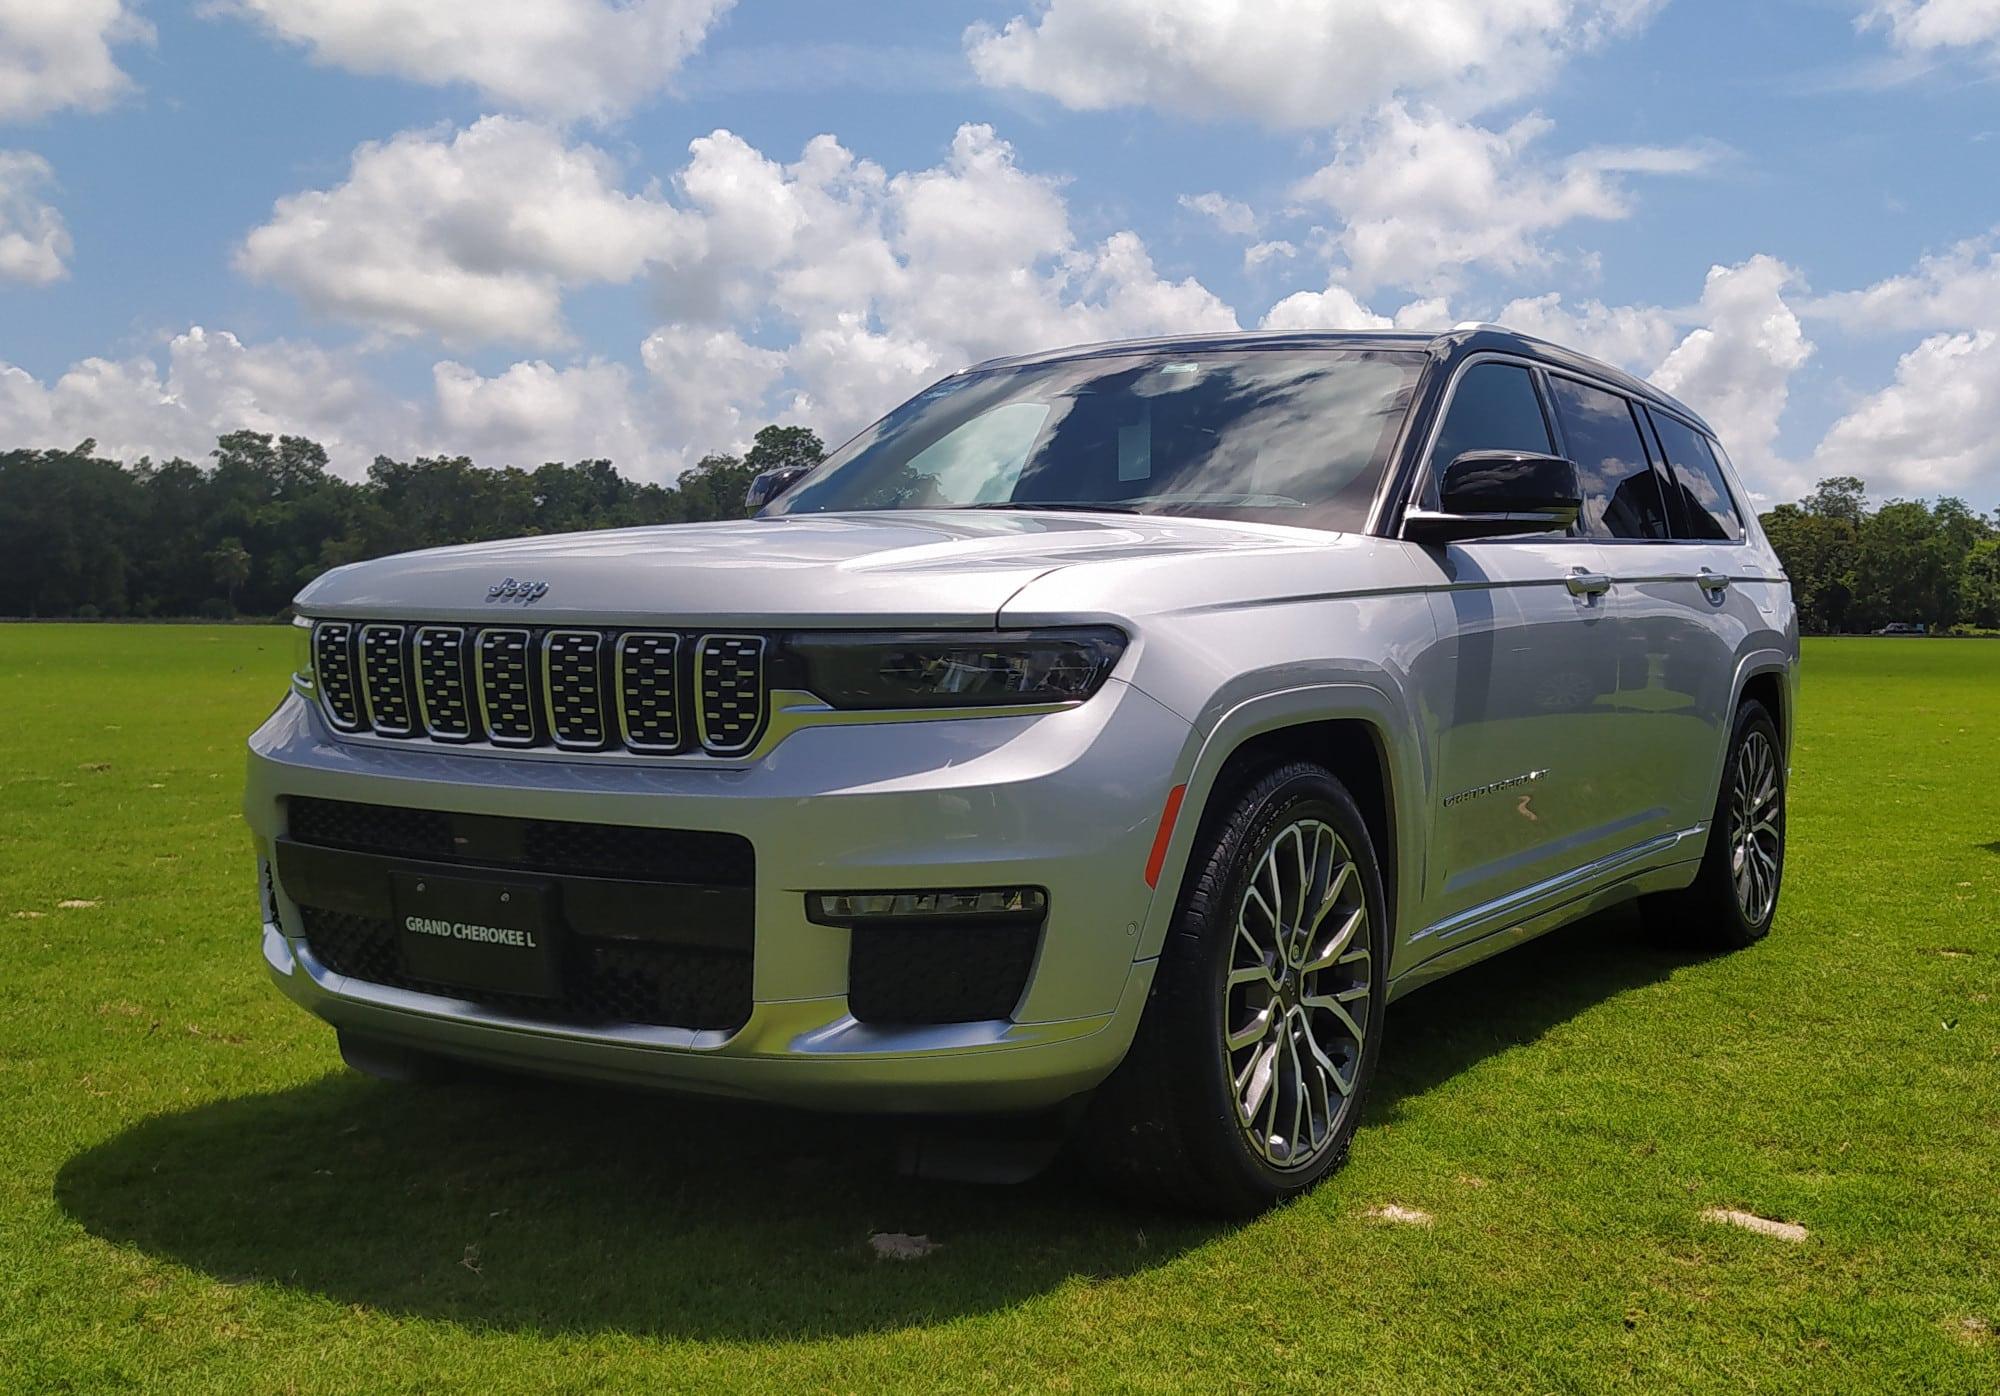 Jeep Grand Cherokee L, todo lo que esperas de un SUV